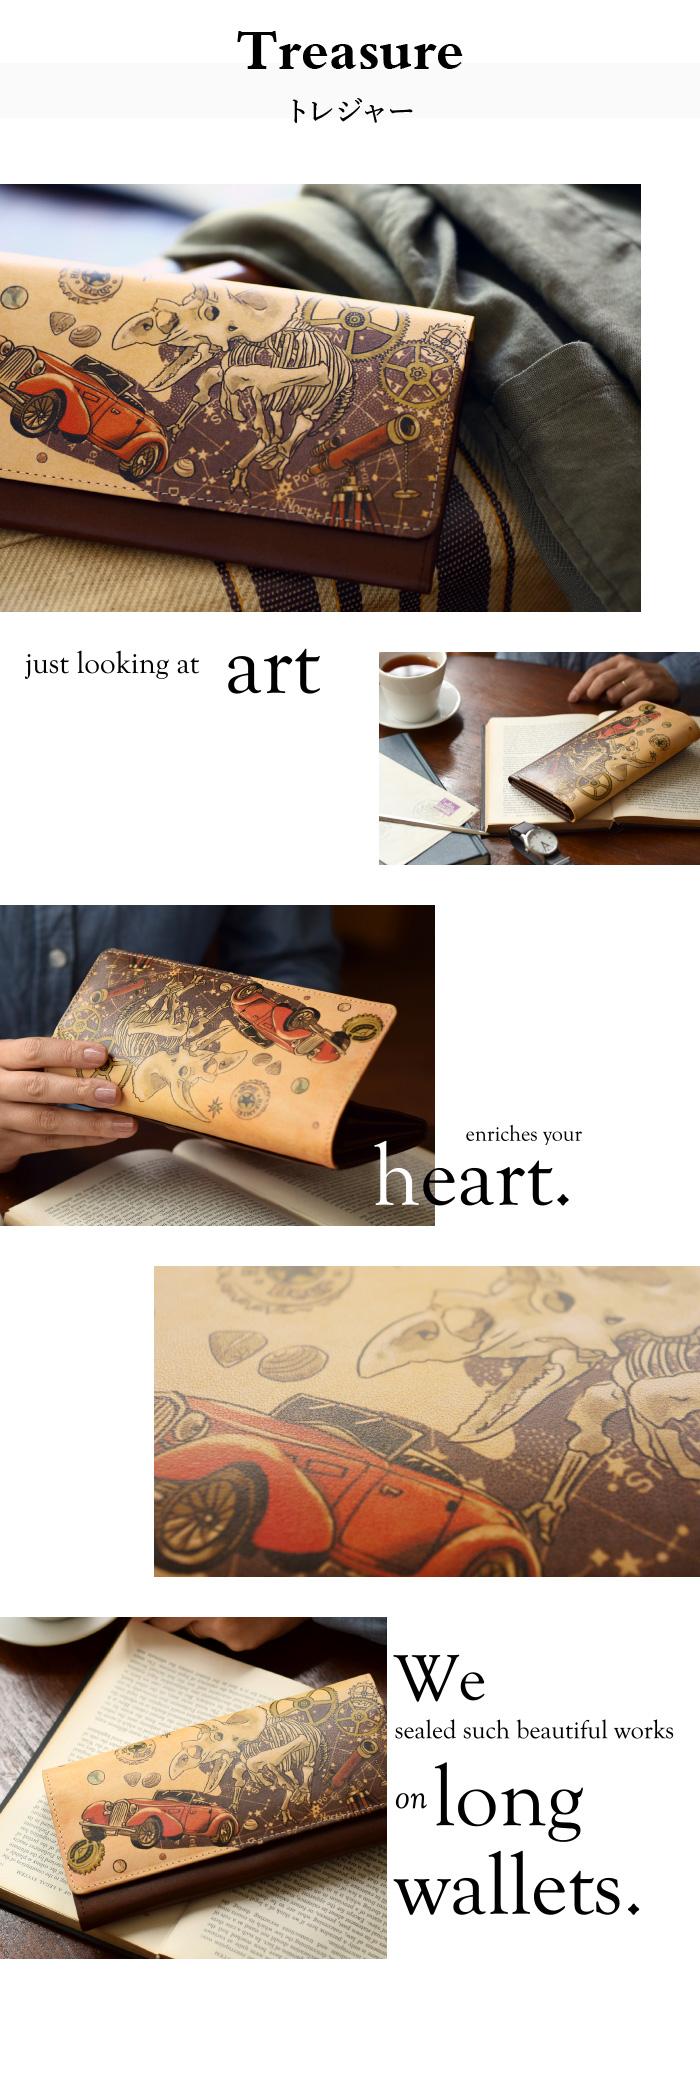 81db6634f2a7 ... ヌメレザーシリーズの、 長財布です。 ホック一つでお財布を開閉でき、 スリムなのに、通帳もスッキリ入れることができるので、長財布 が初めての方にも人気です。